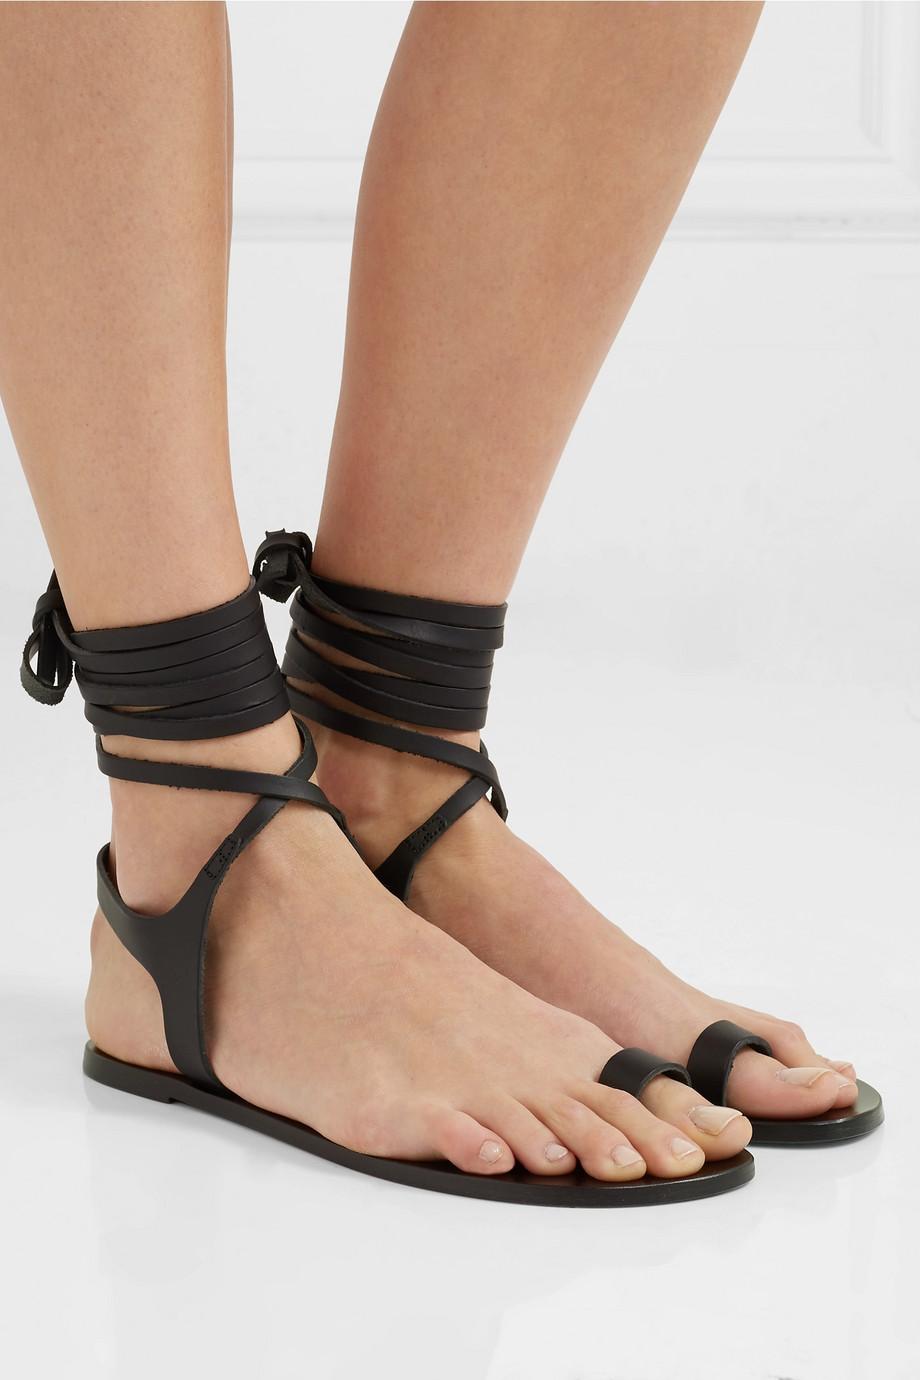 ATP Atelier Candela 皮革凉鞋